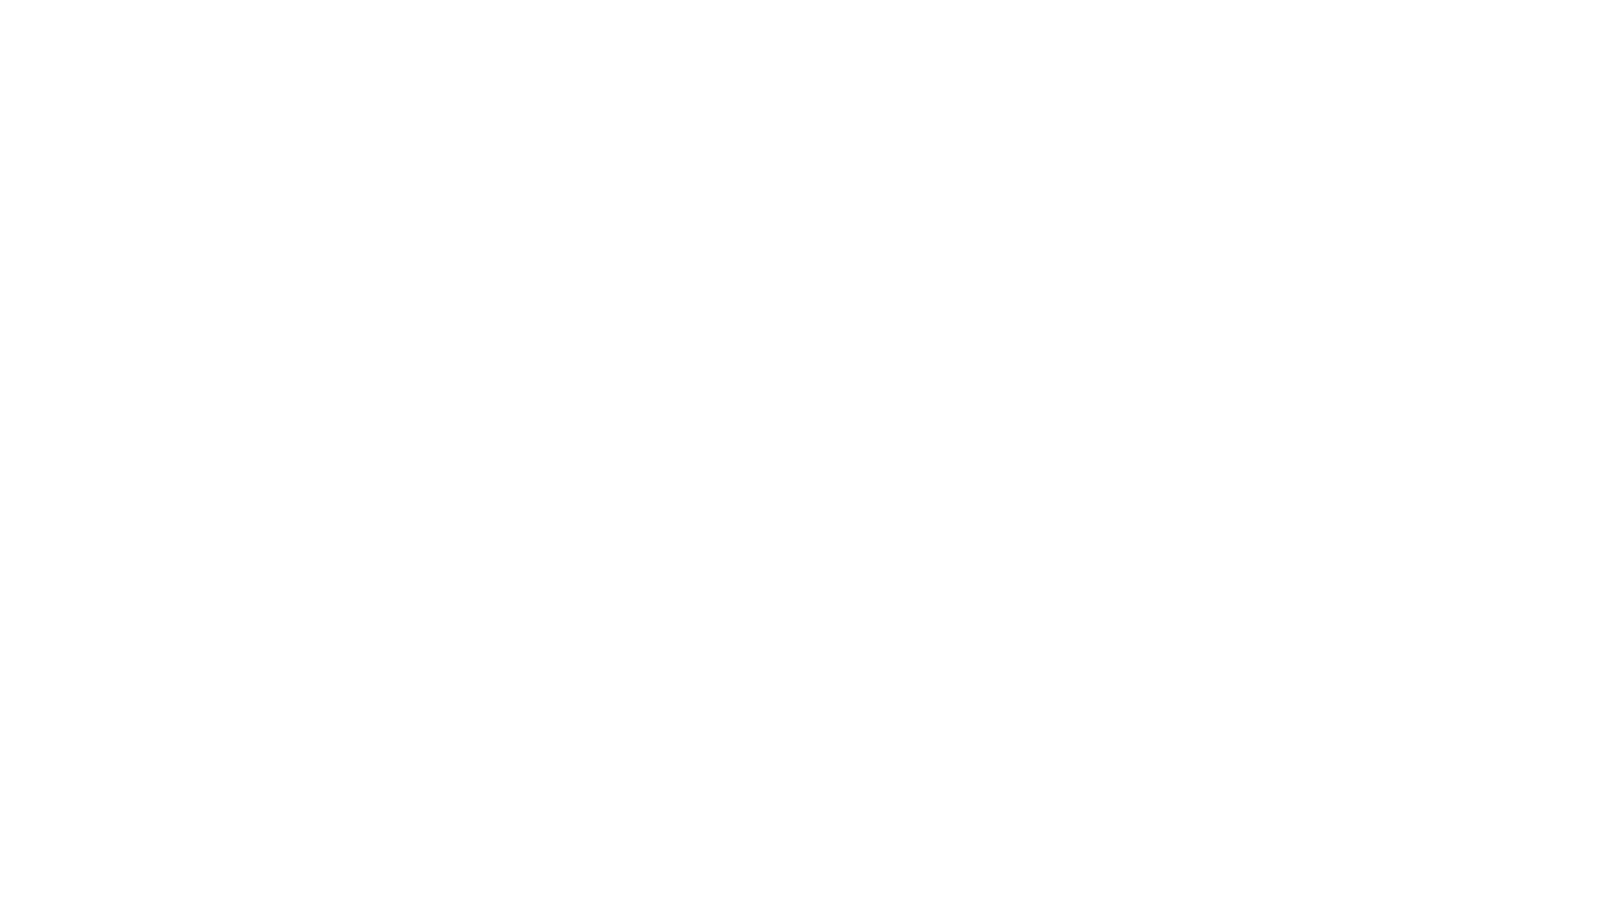 Le audionews di Ondawebtv 👩💻#lenotizieinpositivo 👉4 marzo 👉E' oggi il World Obesity Day. I consigli del professore Monda  👉Toni Servillo sarà Casanova nel film di Salvatores 👉La città che vorrei dopo il Covid 19. Premiazione online 👉La marmellata delle Regine è in vendita sul web 🌼Buon ascolto con le imperdibili pillole di informazione culturale made in Caserta! 📲 Iscrivetevi al canale YouTube di Ondawebtv e seguite le nostre pagine su FB, Instagram e Spotify